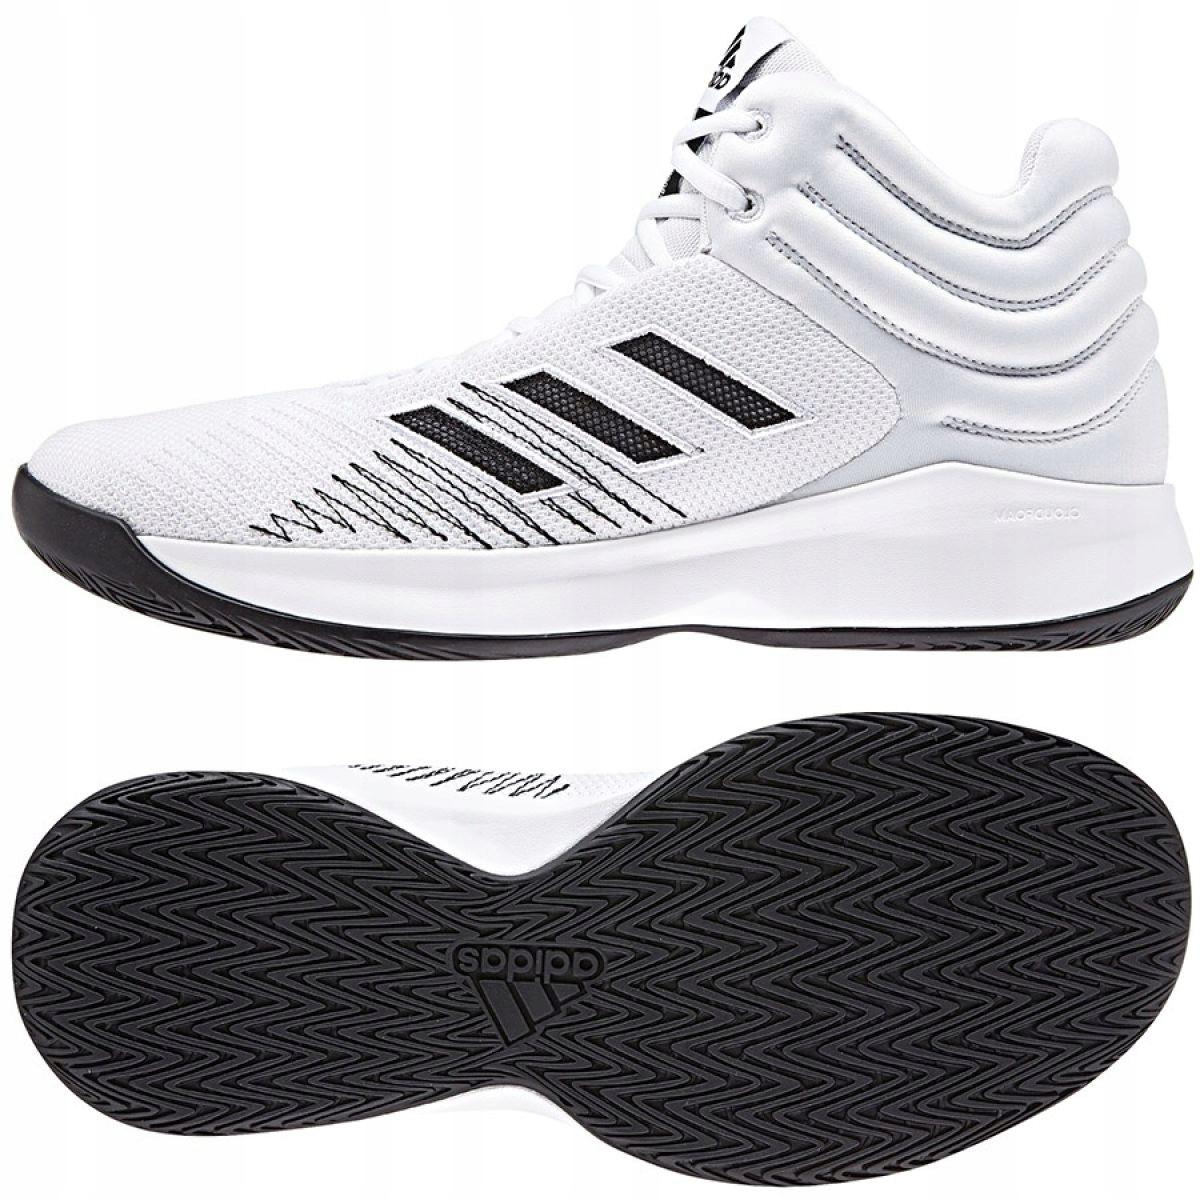 Buty koszykarskie adidas Pro Sprak 2018 M 41 13